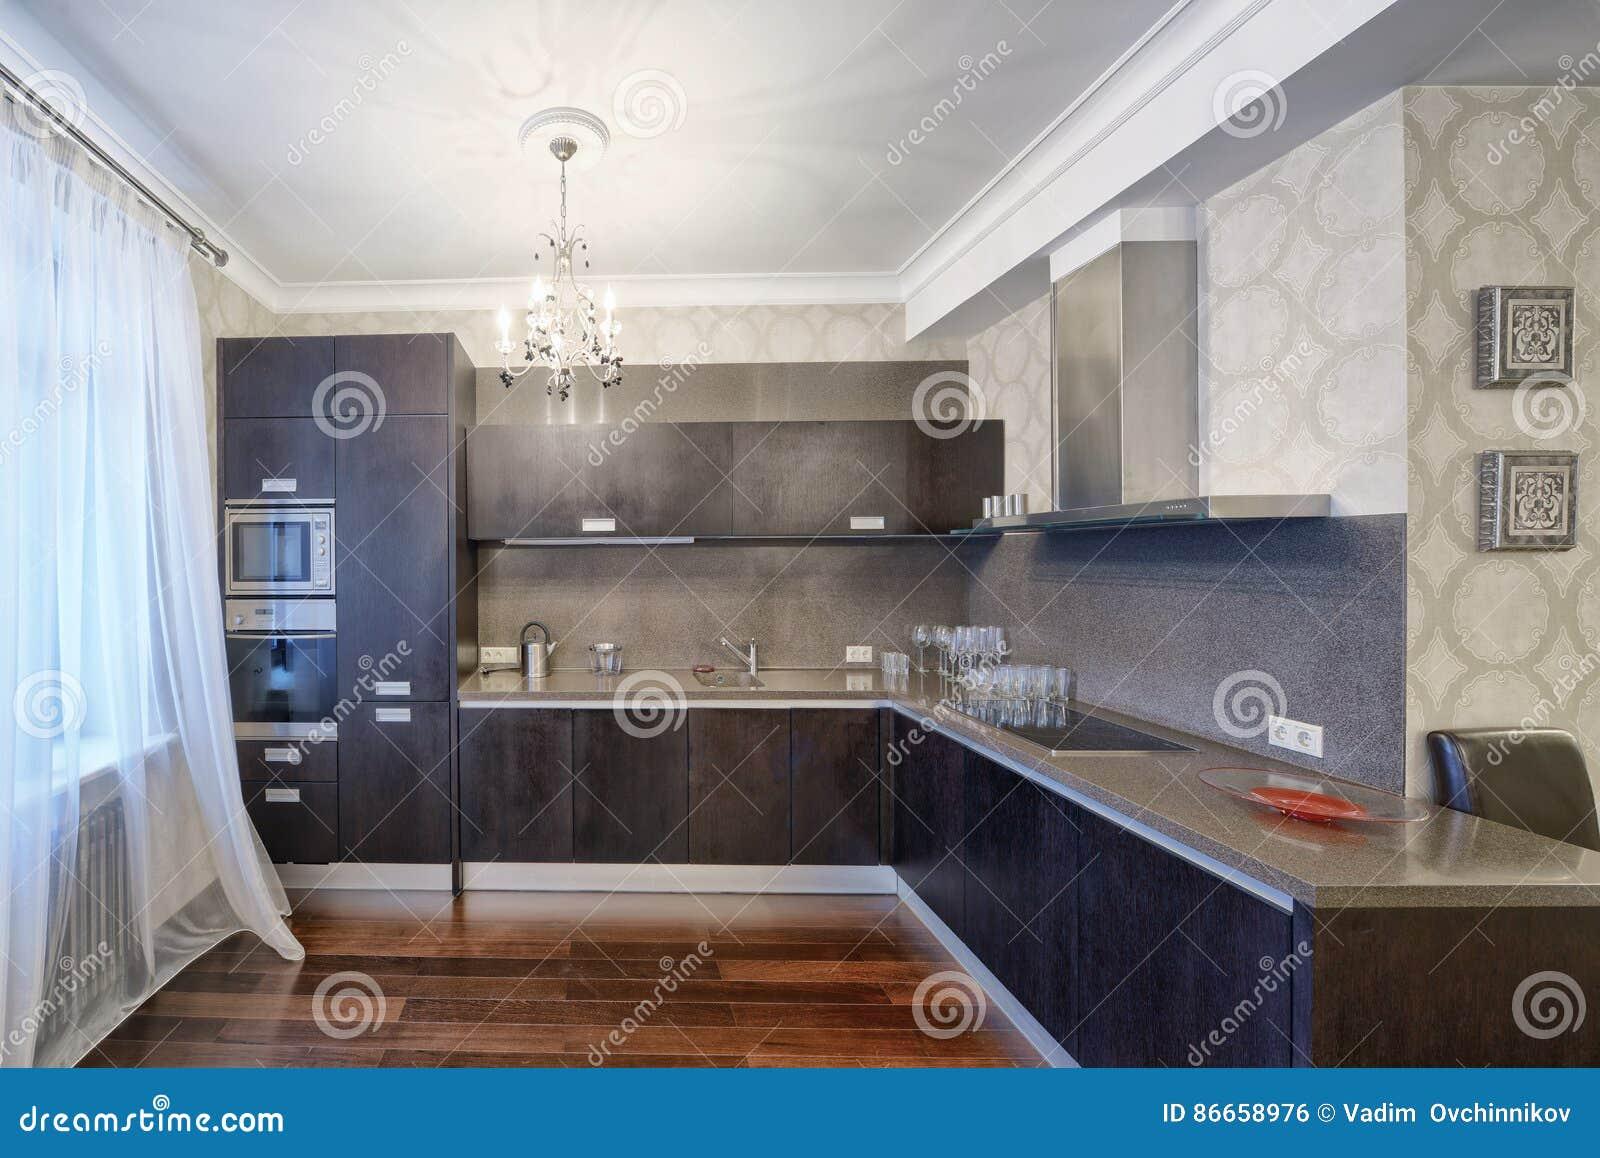 Region Russlands, Moskau - Die Innenarchitektur Der Küche In Einer ...